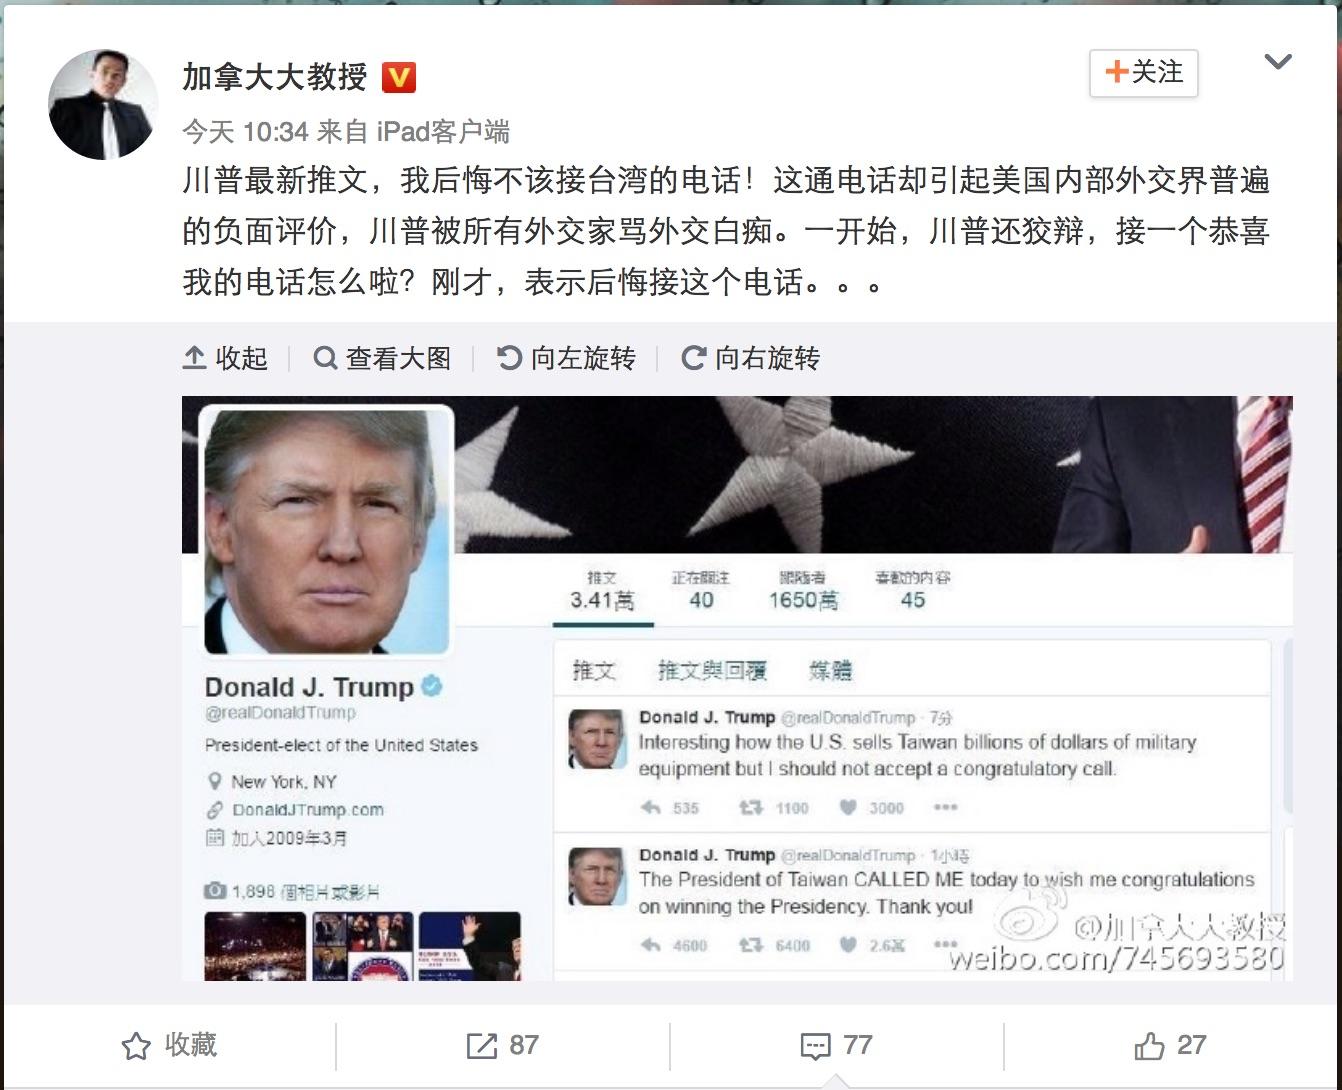 【对比新闻】特朗普与蔡英文对话的前前后后